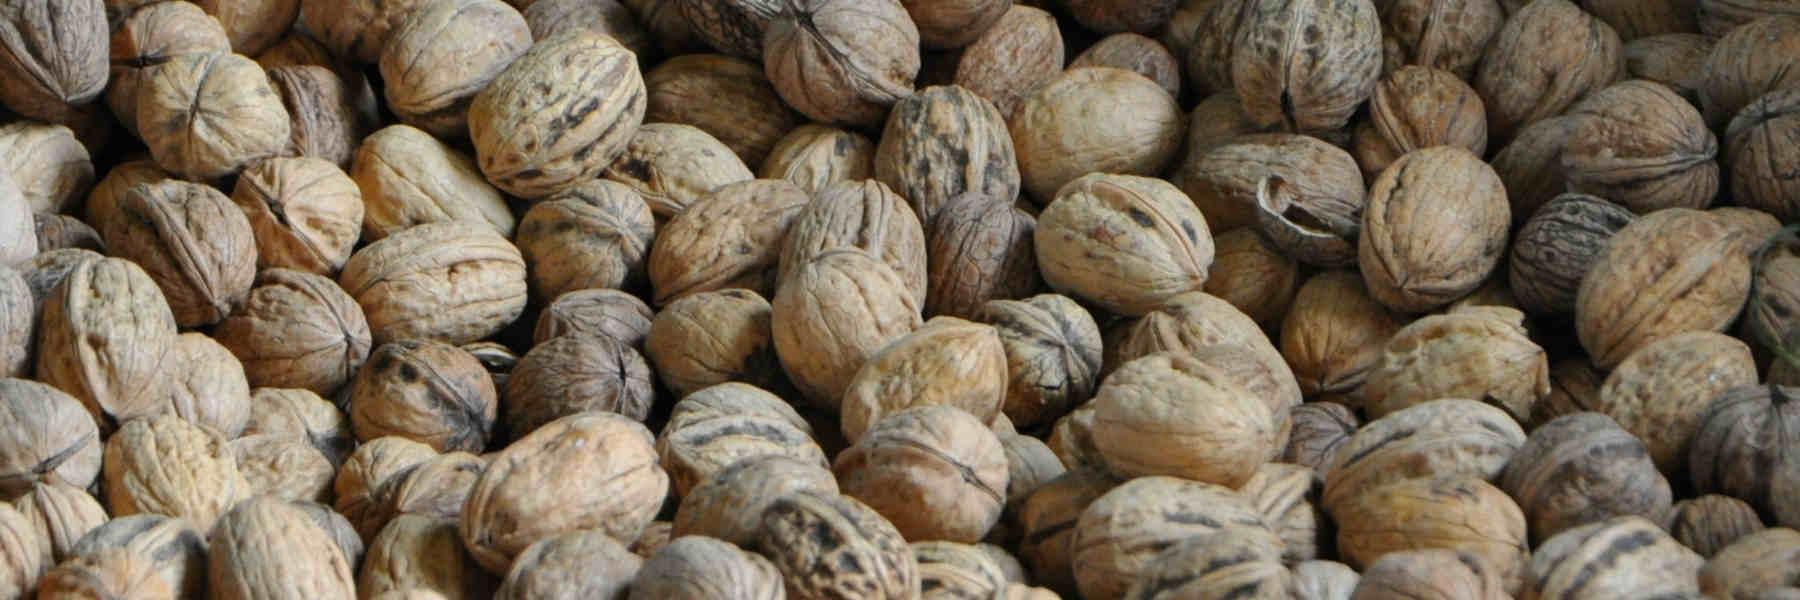 Producteur de noix biologiques à Bilhac